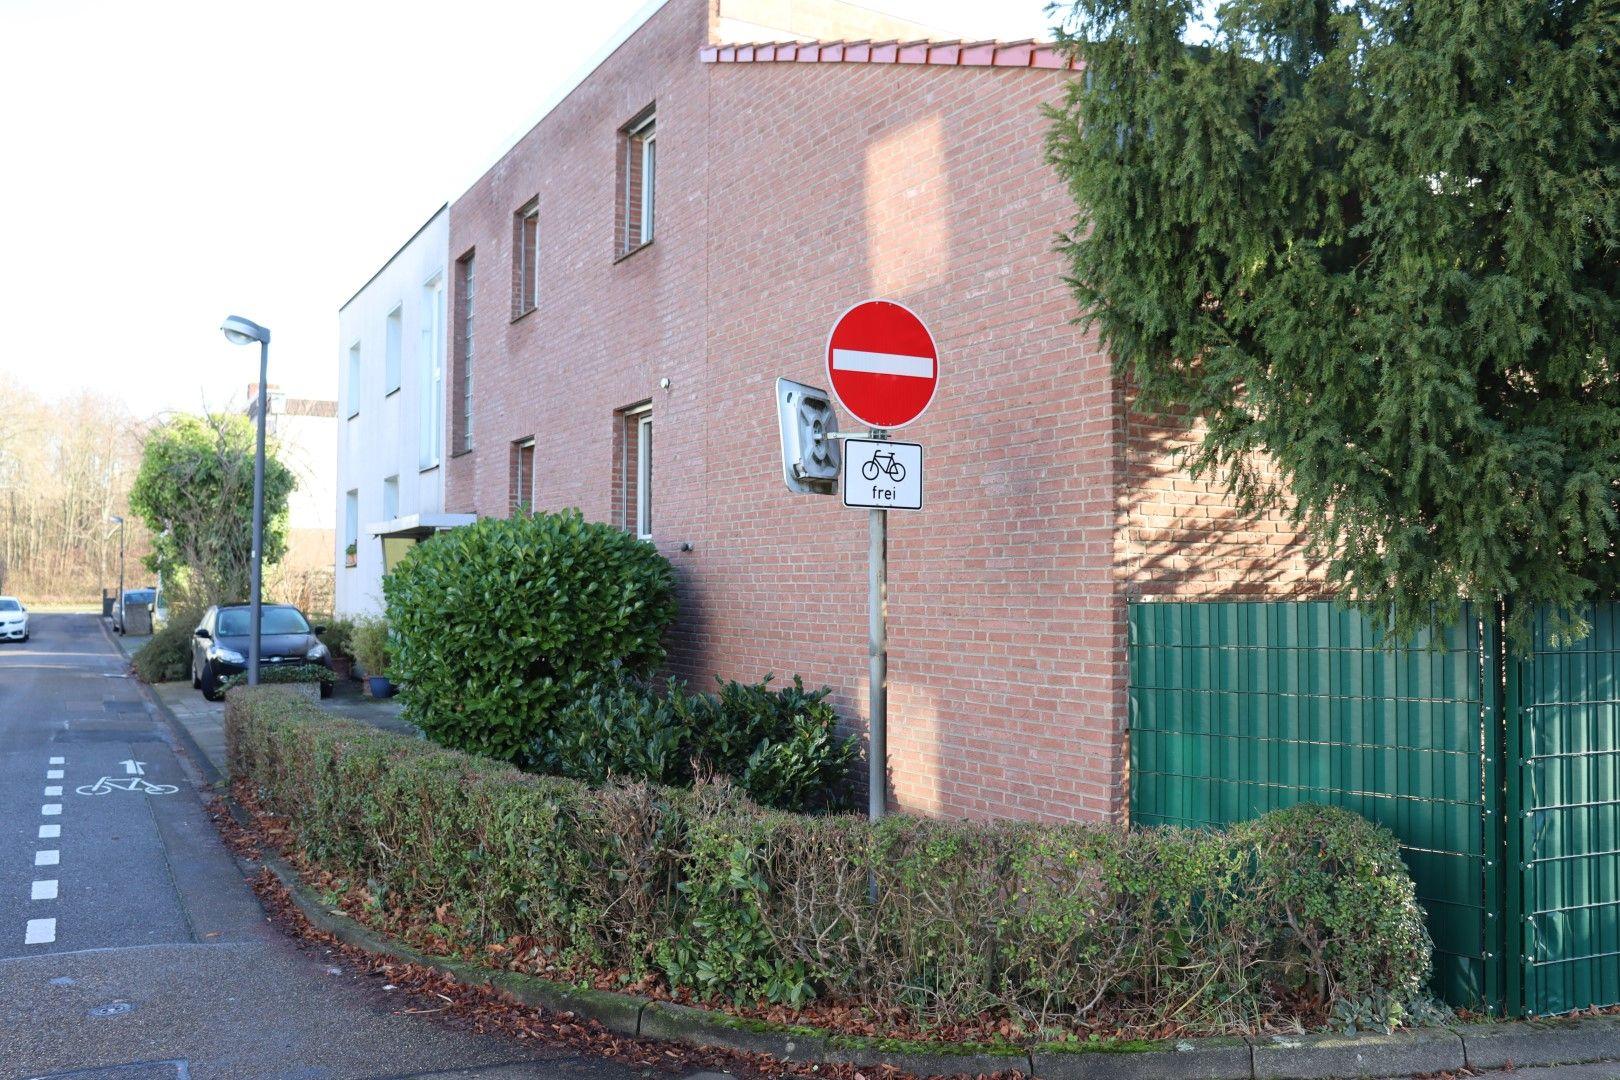 Immobilie Nr.0287 - Doppelhaushälfte mit Garten & Terrasse & Garage - Bild 18.jpg